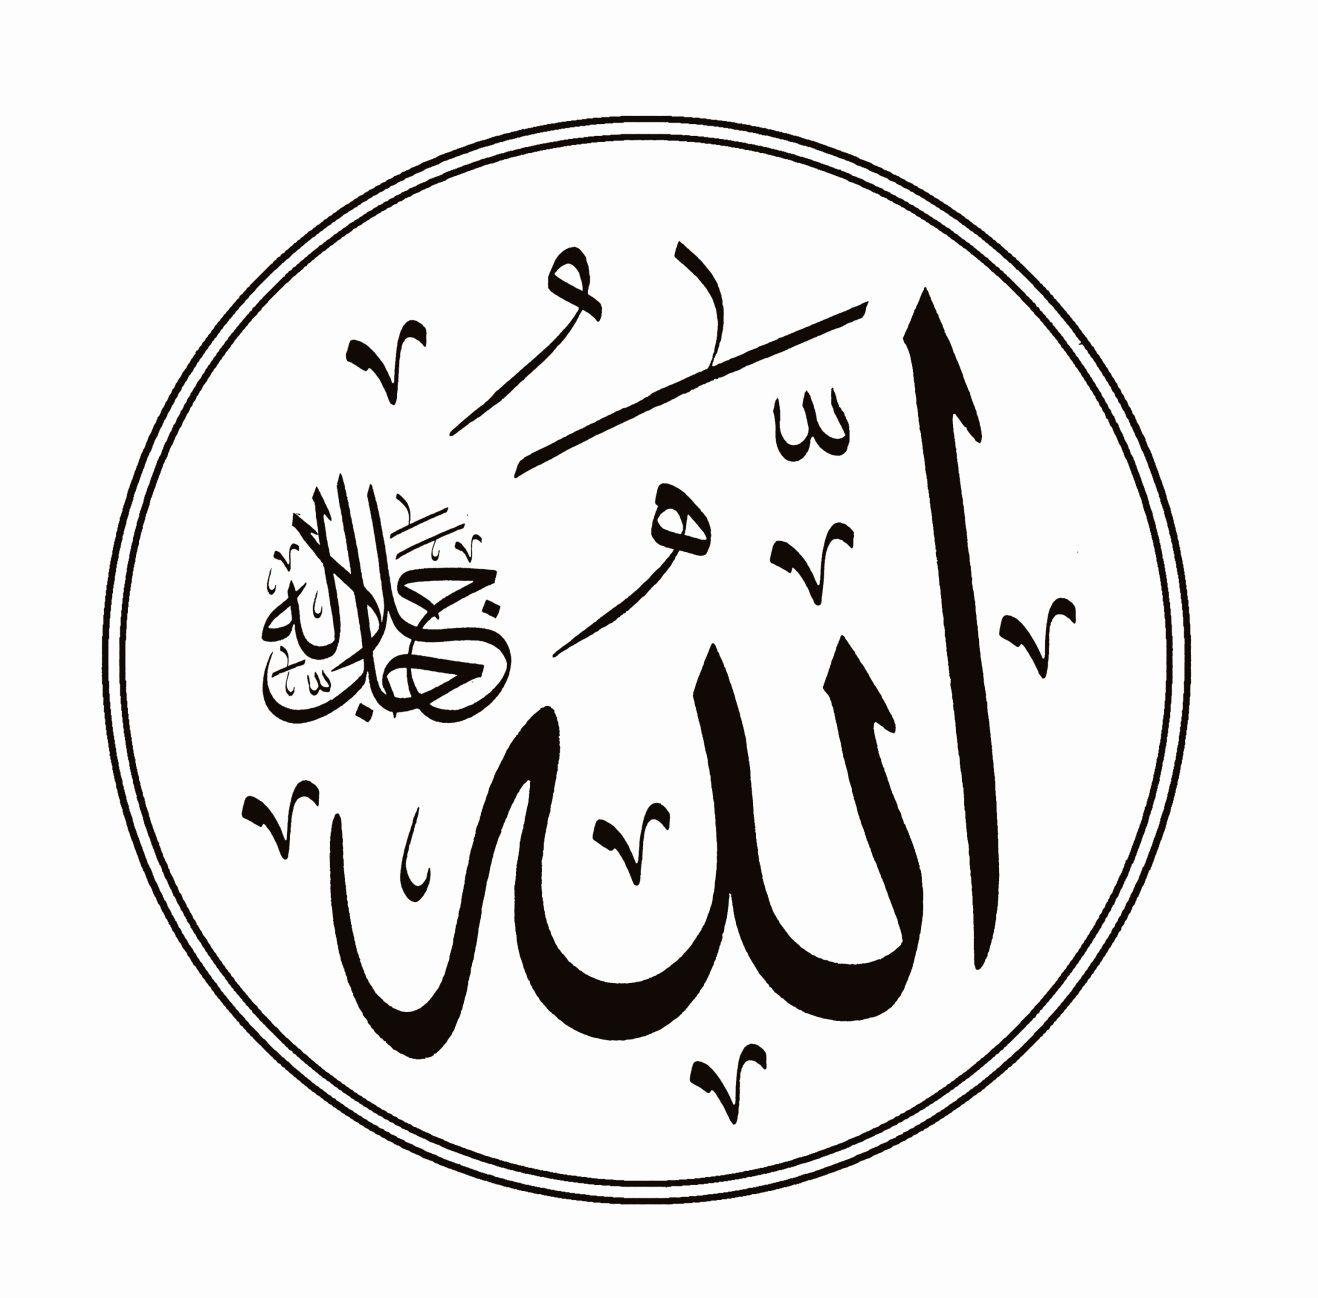 Free Islamic Calligraphy Allah 2 White di 2020 (Dengan